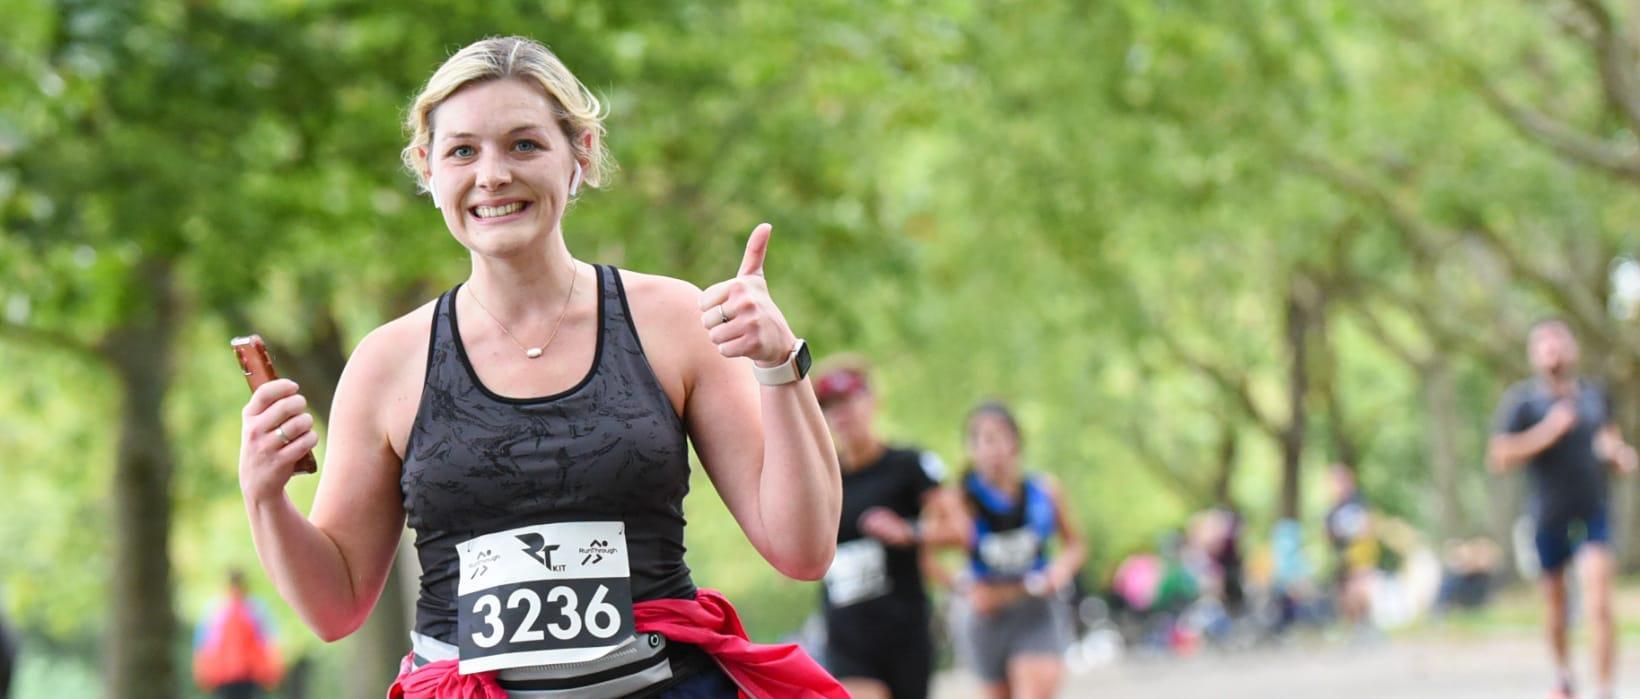 Victoria Park 5k, 10k & Half Marathon